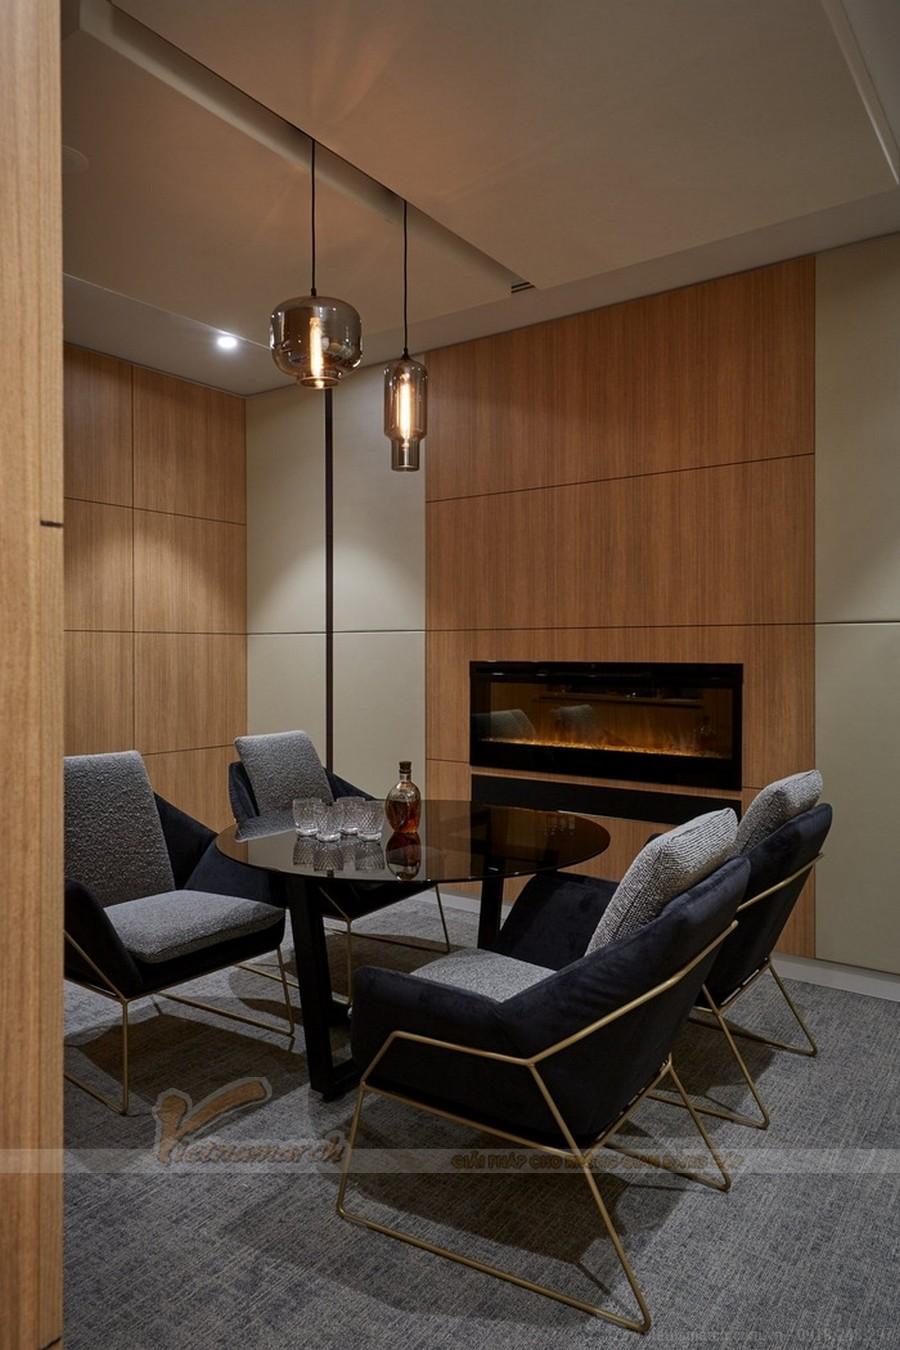 Thiết kế nội thất văn phòng luật sư trang nhã